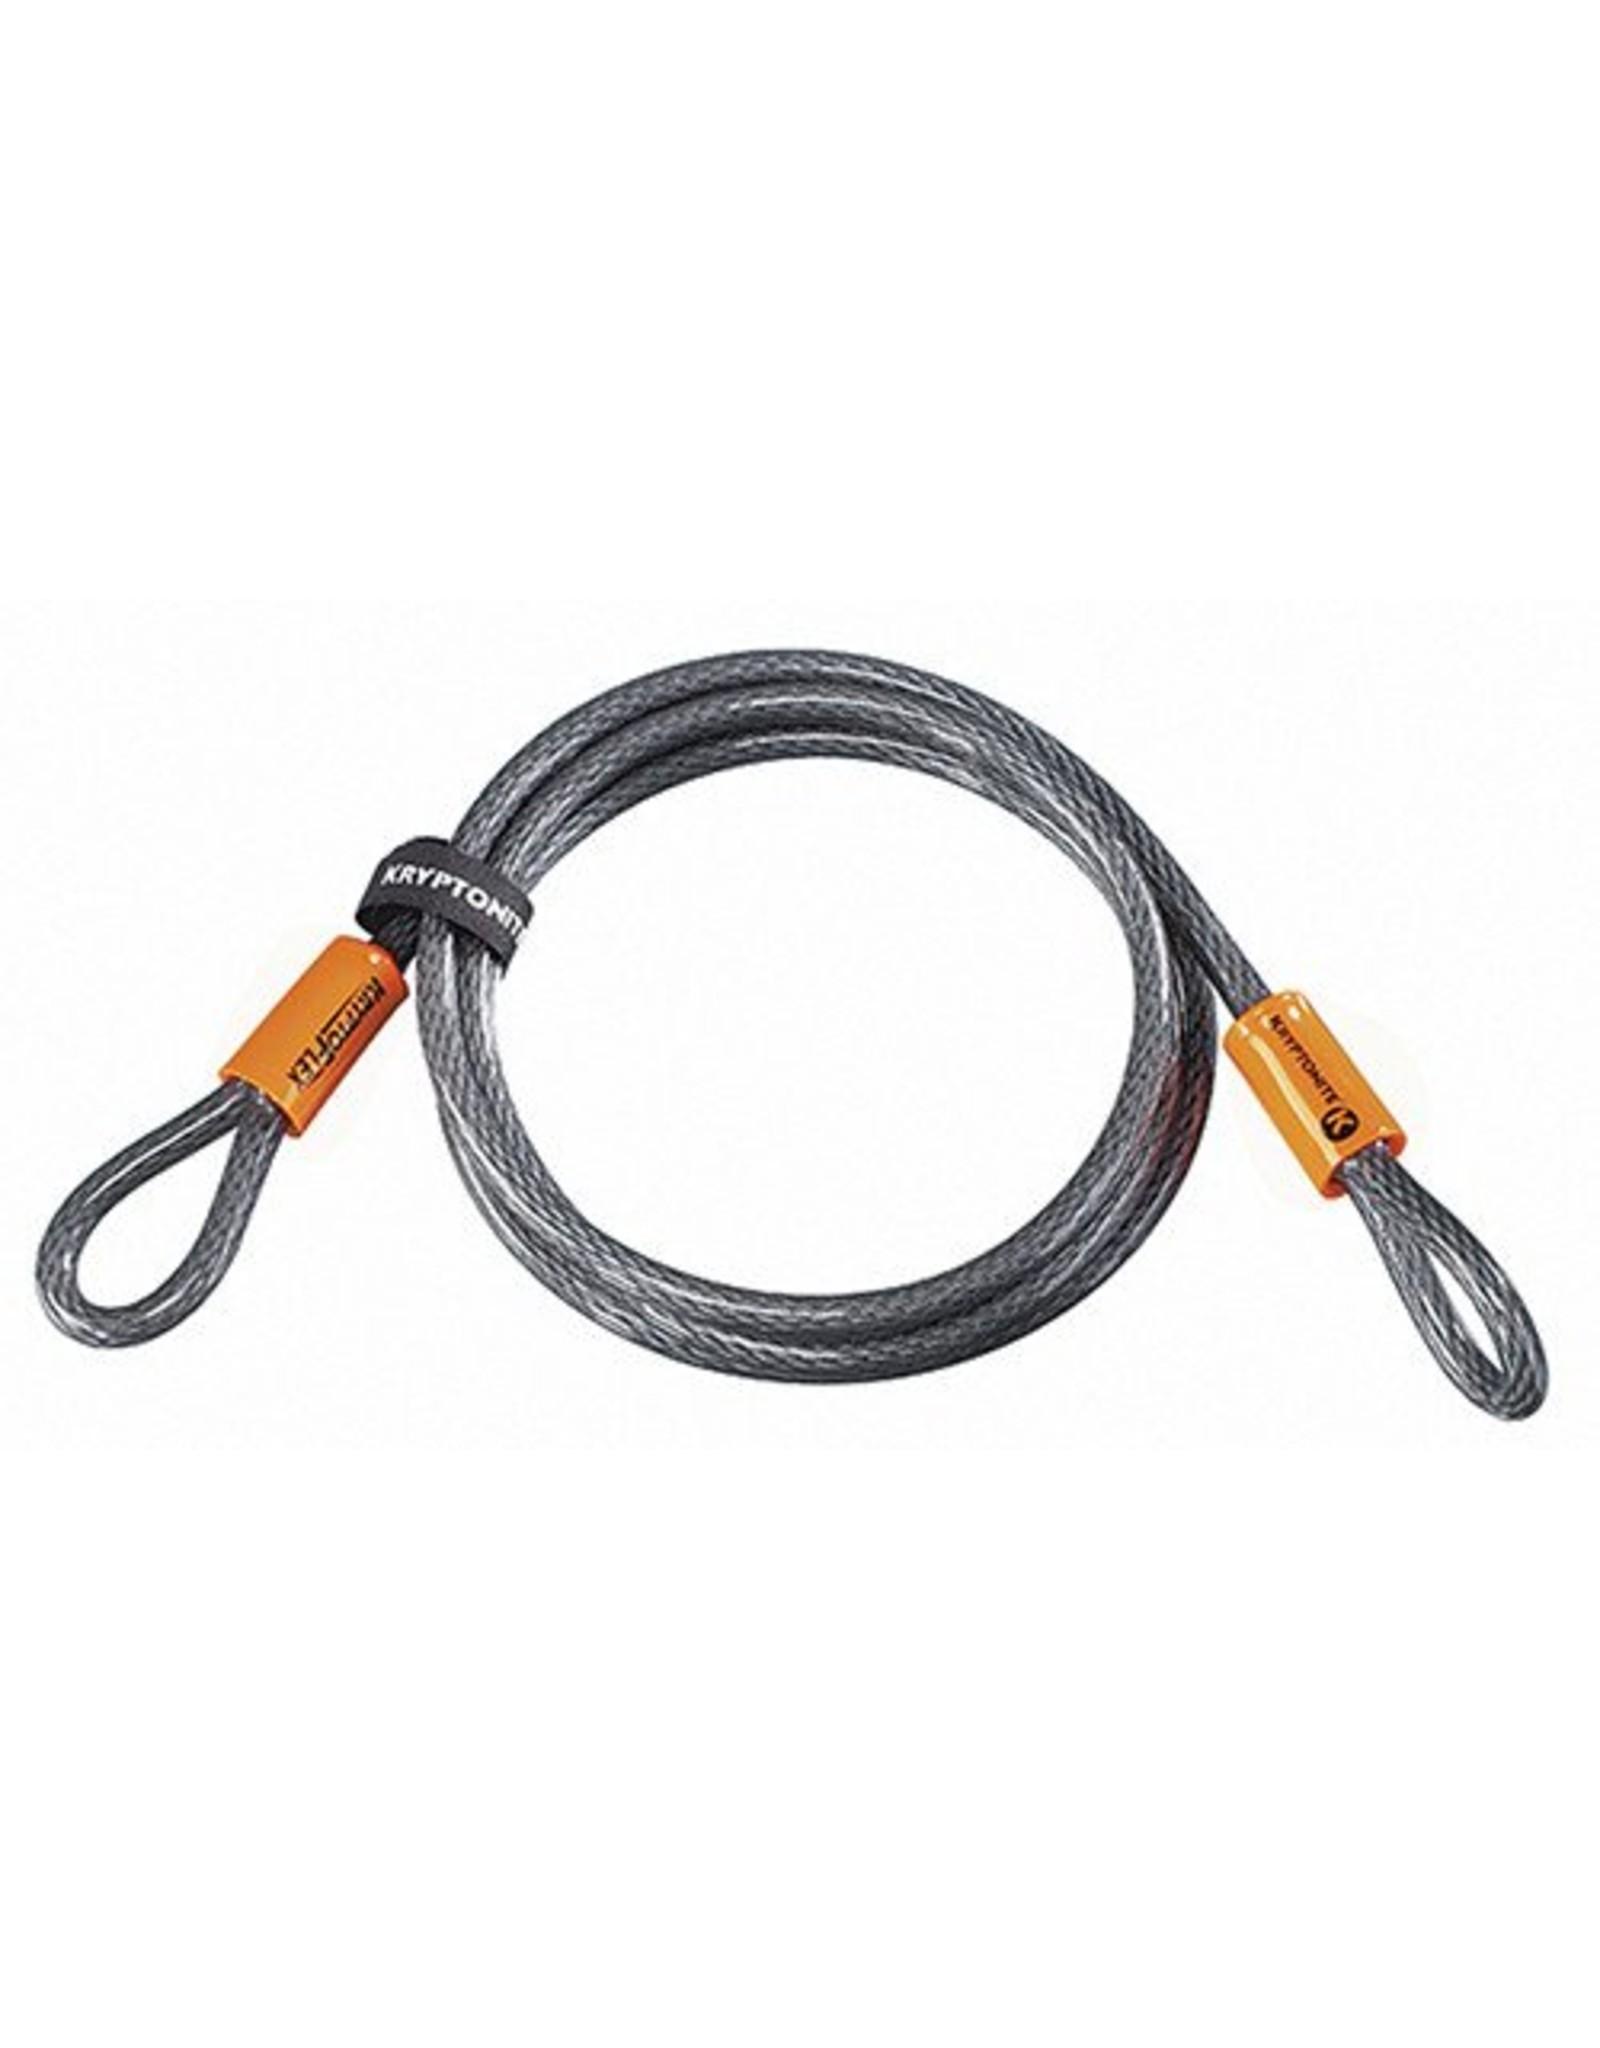 Kryptonite KRYPTOFLEX 1007 CABLE ENROULE